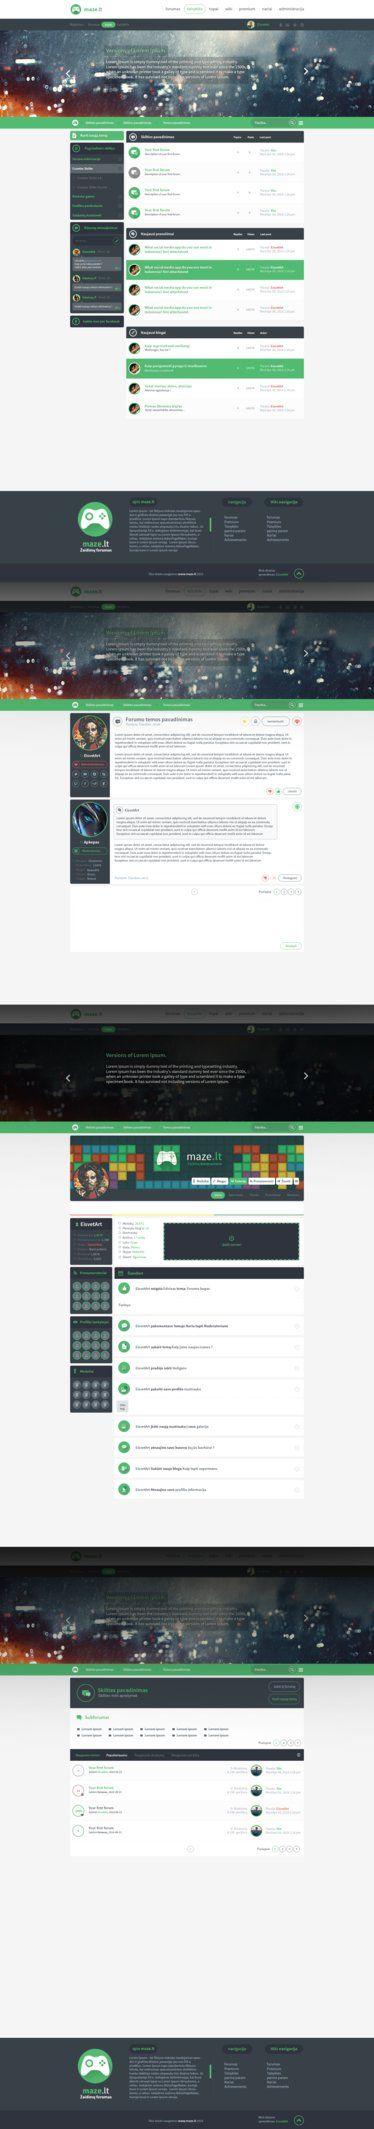 Maze.lt Web design by iEimiz on DeviantArt